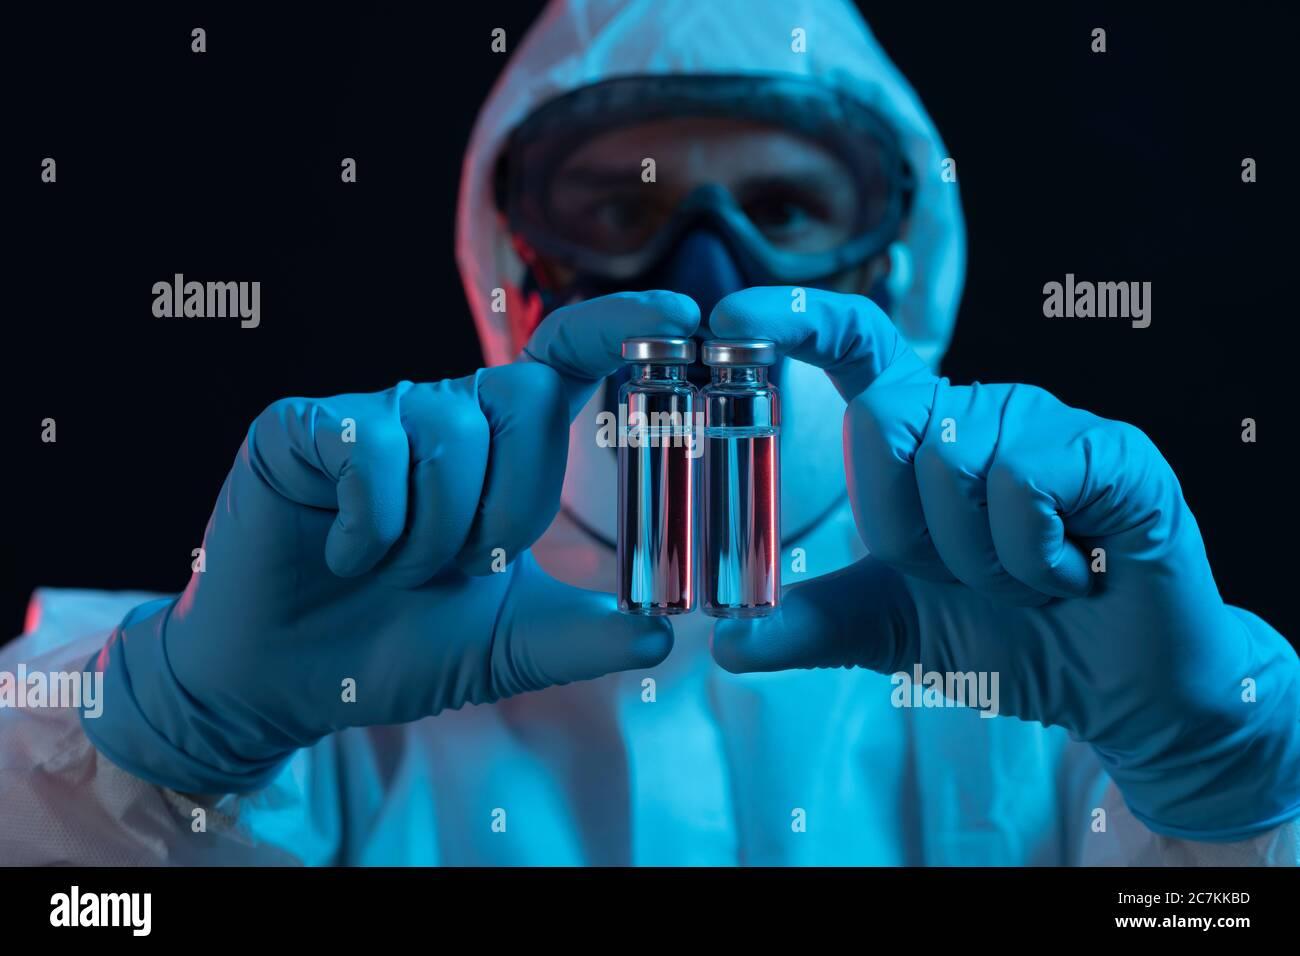 Símbolo, corona, ciencia, investigación, vacuna, peligro, distophian, traje protector, dos, viales de inyección Foto de stock